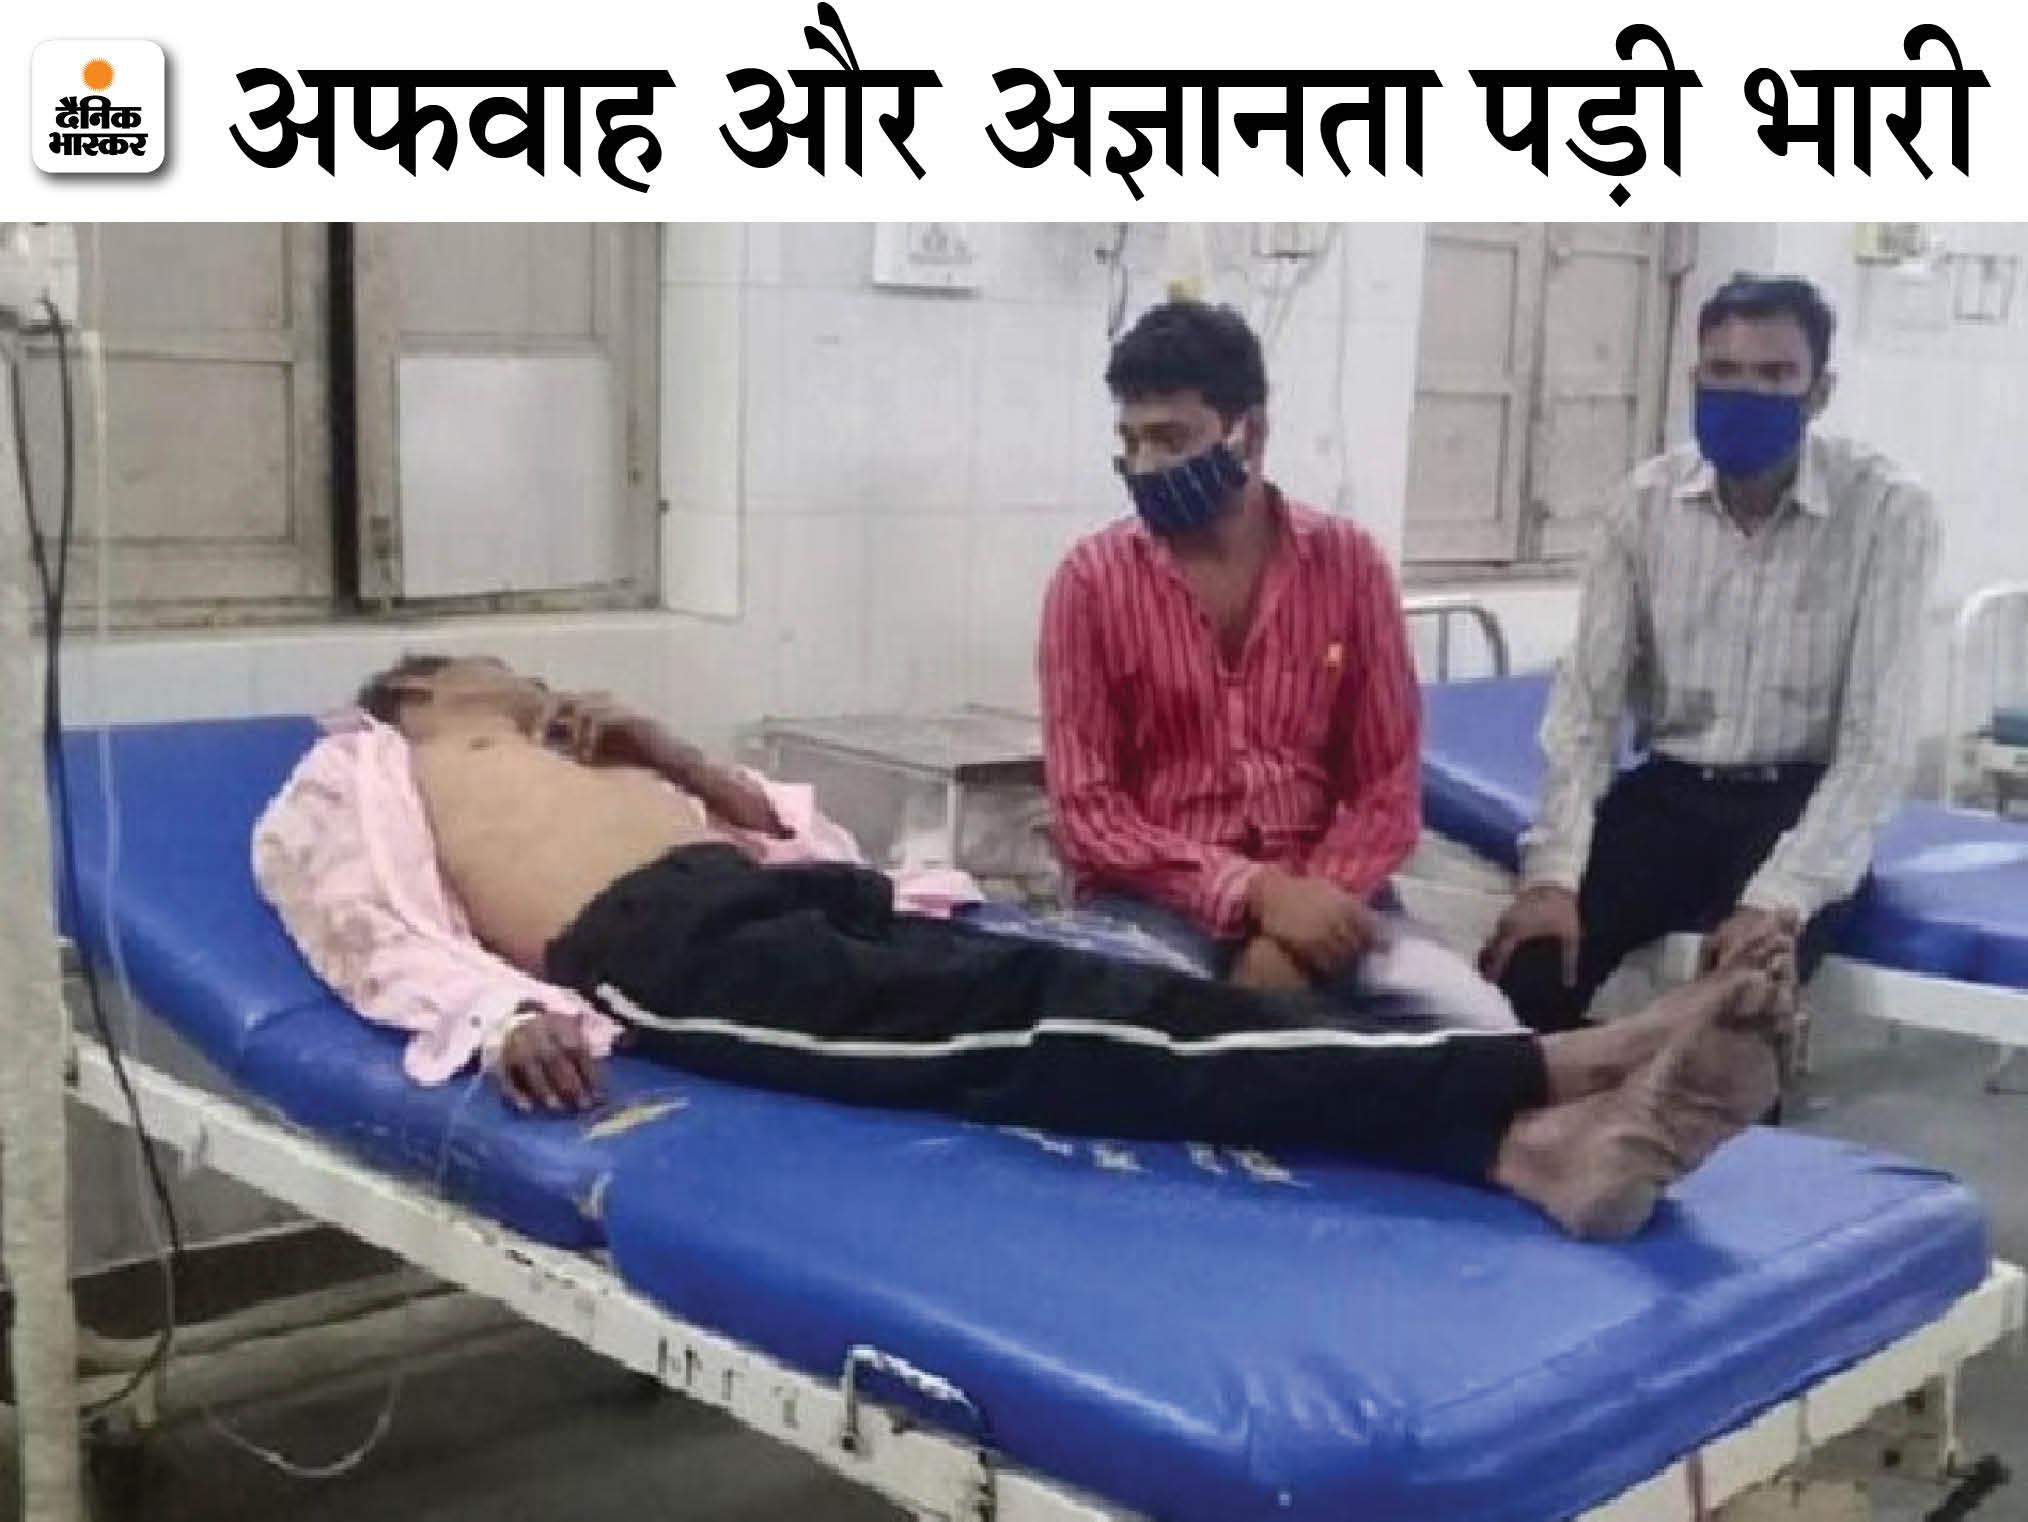 गांव में एकसाथ चार युवकों की मौत की सूचना किसी ने सिरगिट्टी थाना पुलिस की दी। पुलिस ने दो गंभीर युवकों को CIMS और अपोलो अस्पताल में भर्ती कराया। - Dainik Bhaskar